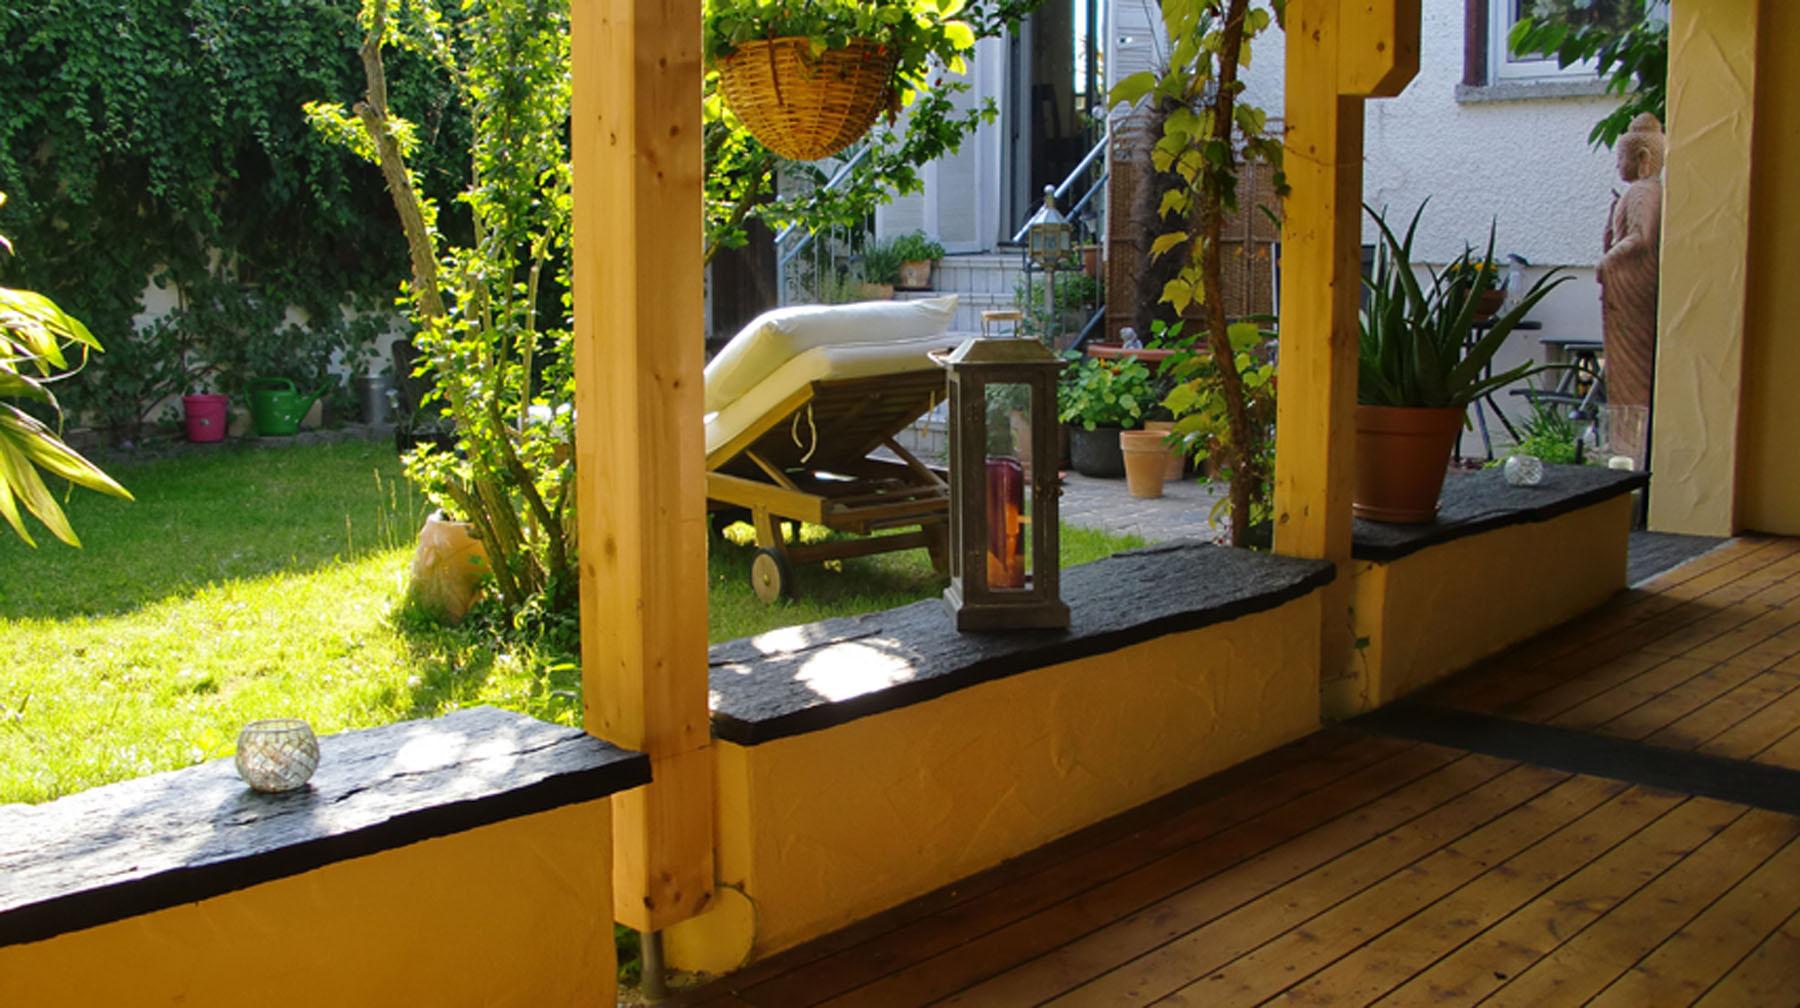 Schiefer rustikal mauerabdeckplatten backes - Bodenfliesen rustikal ...